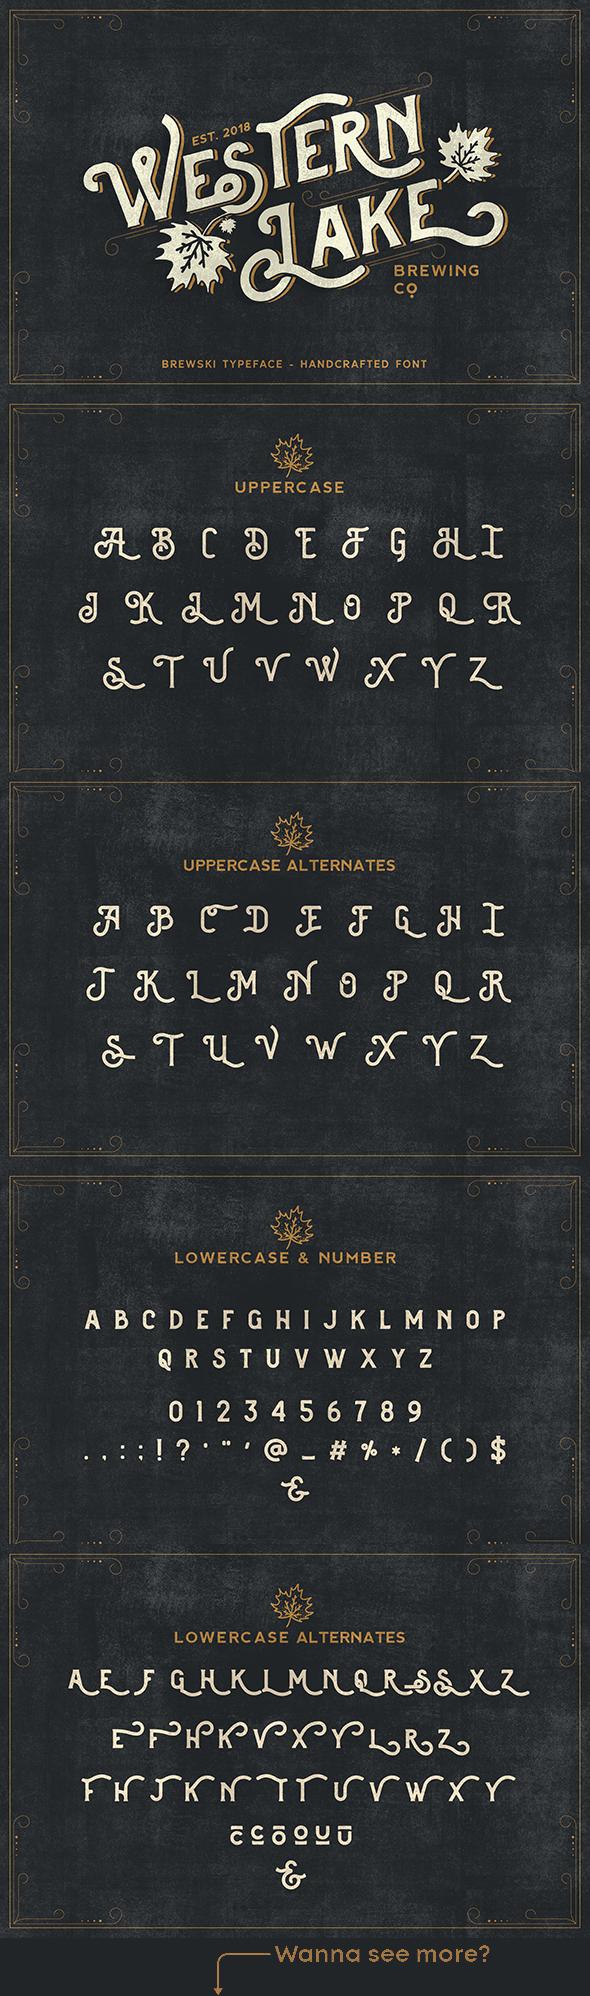 Brewski Brewery Vintage Typeface - Serif Fonts